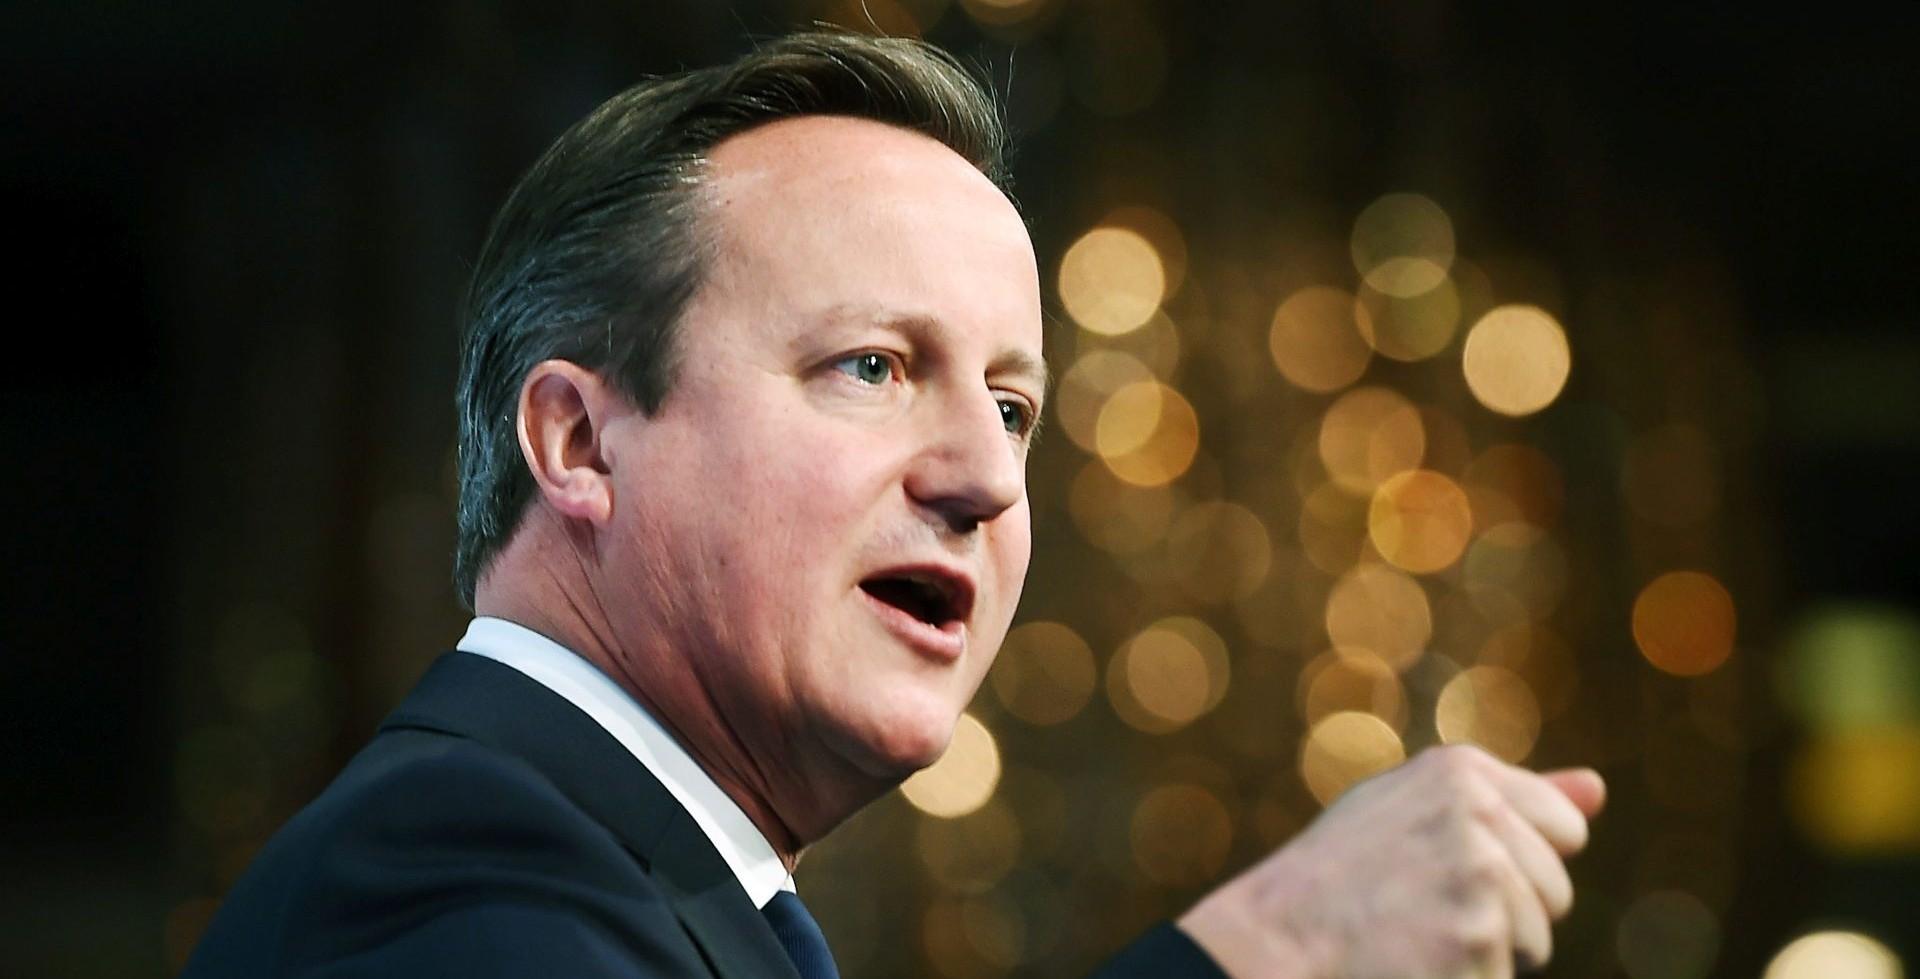 UNATOČ ISTEKU ROKA: Cameron poziva birače da se registriraju za referendum